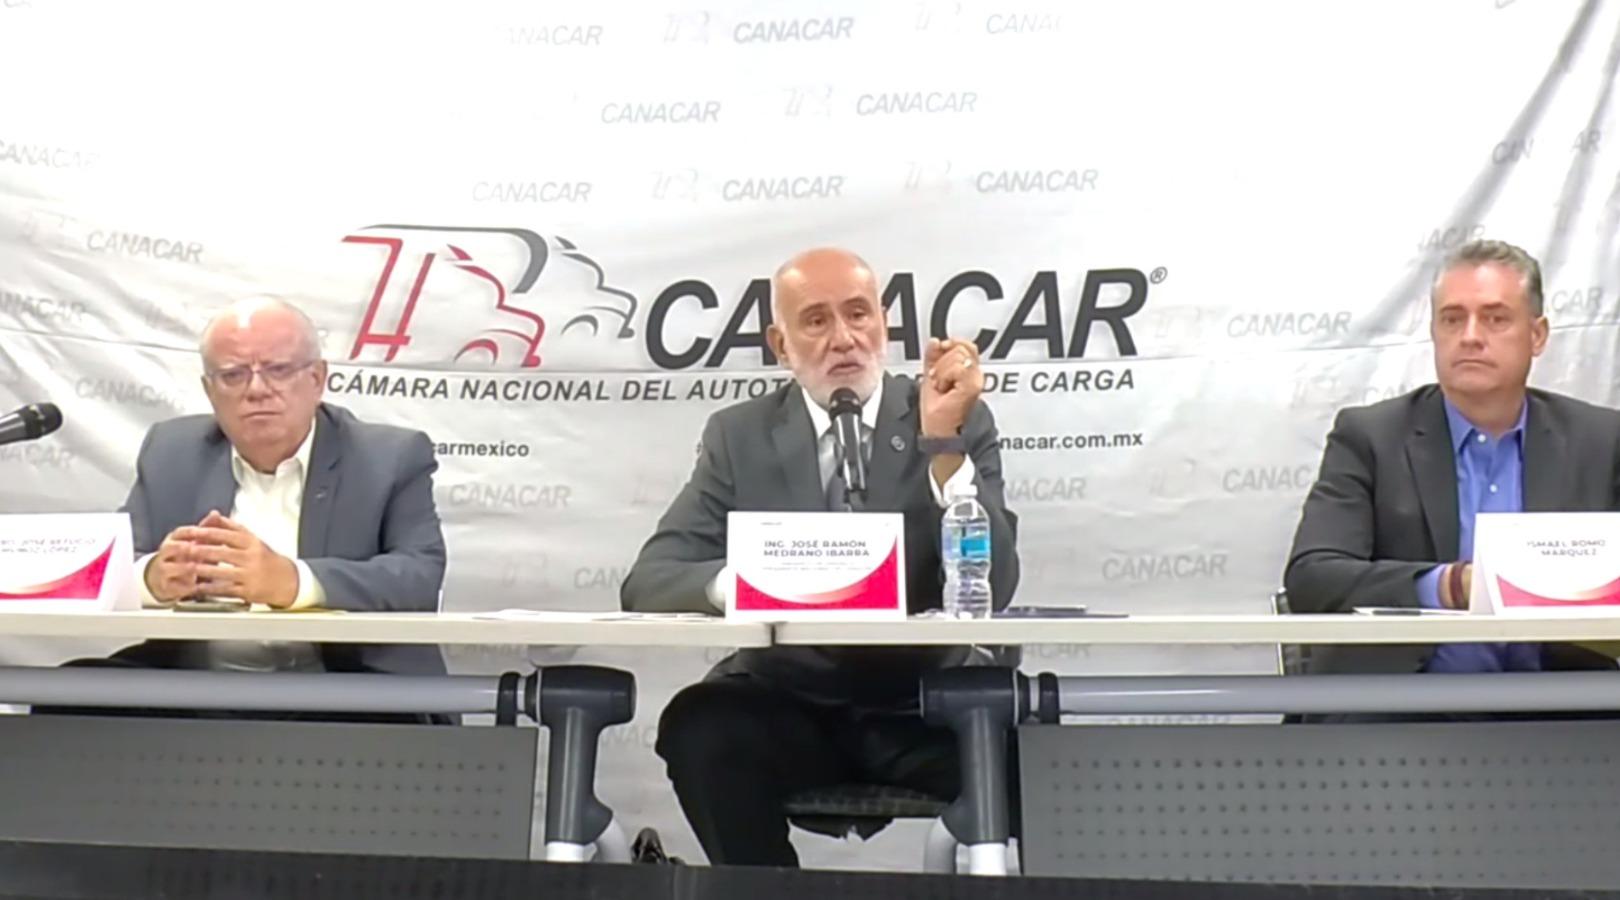 Ramón Medrano Canacar